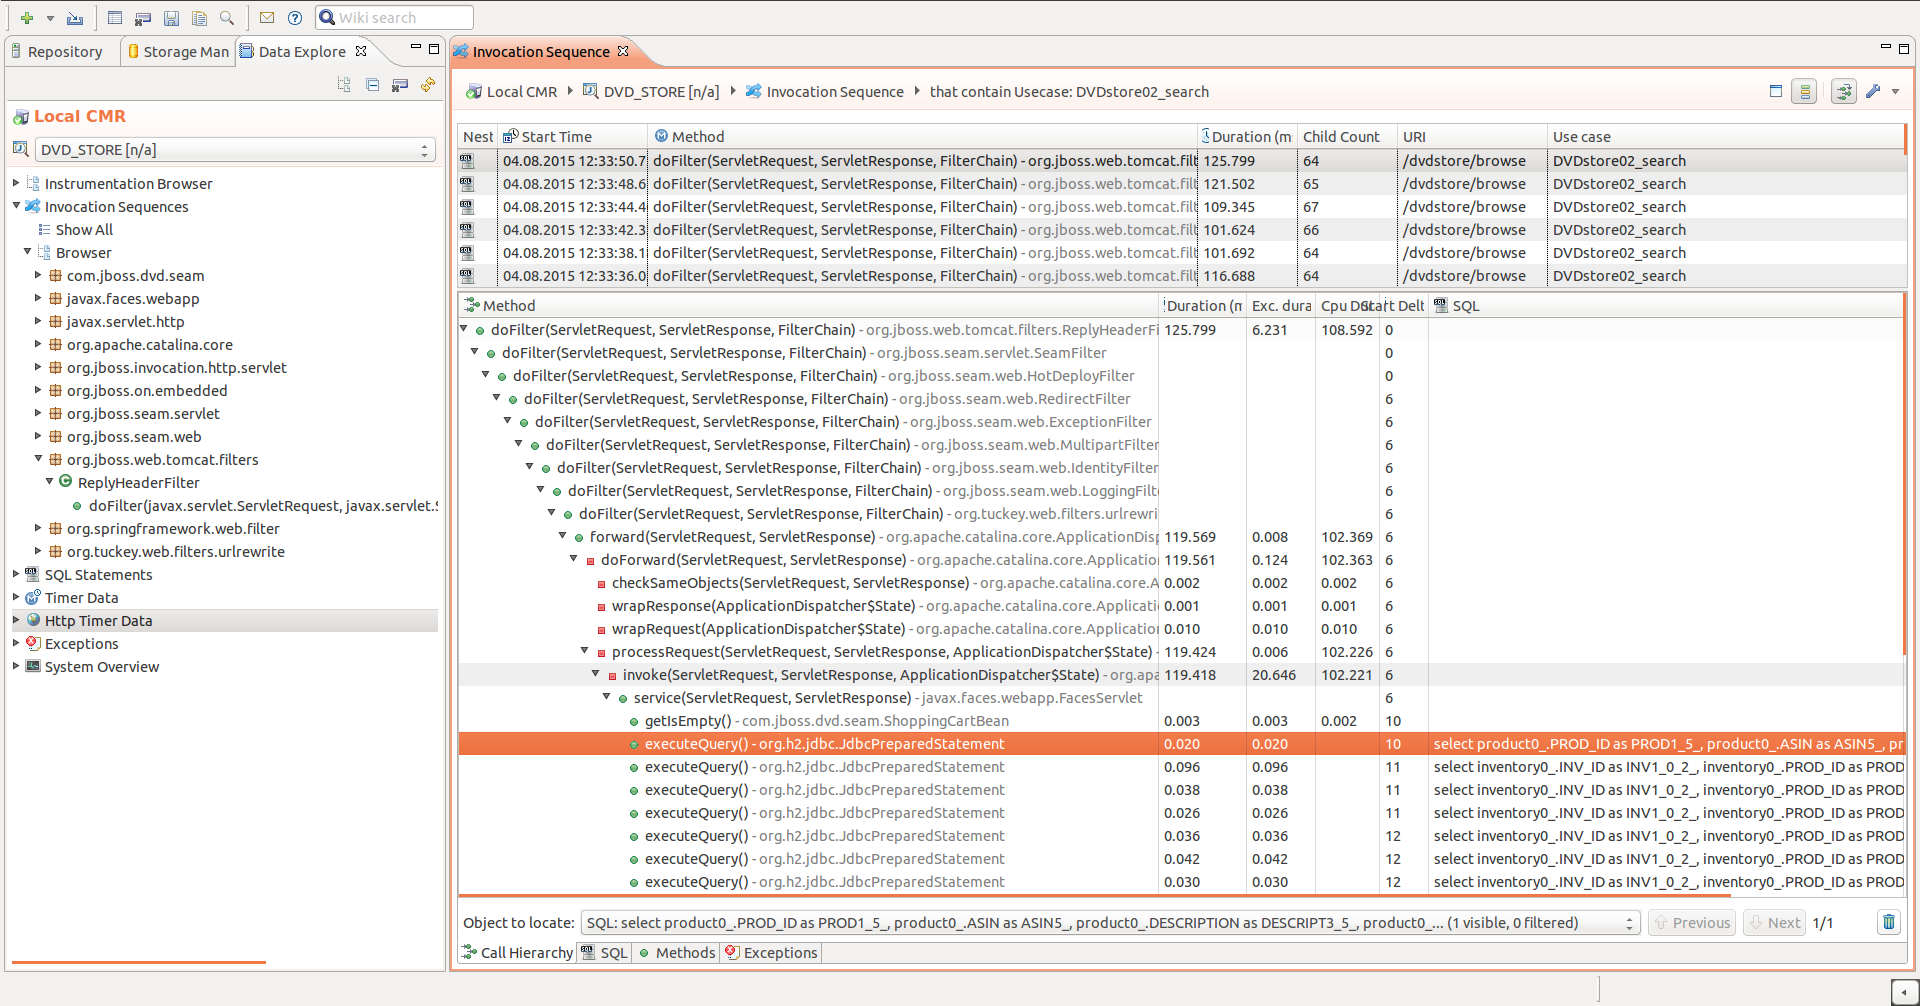 GitHub - inspectIT/inspectIT: inspectIT is the leading Open